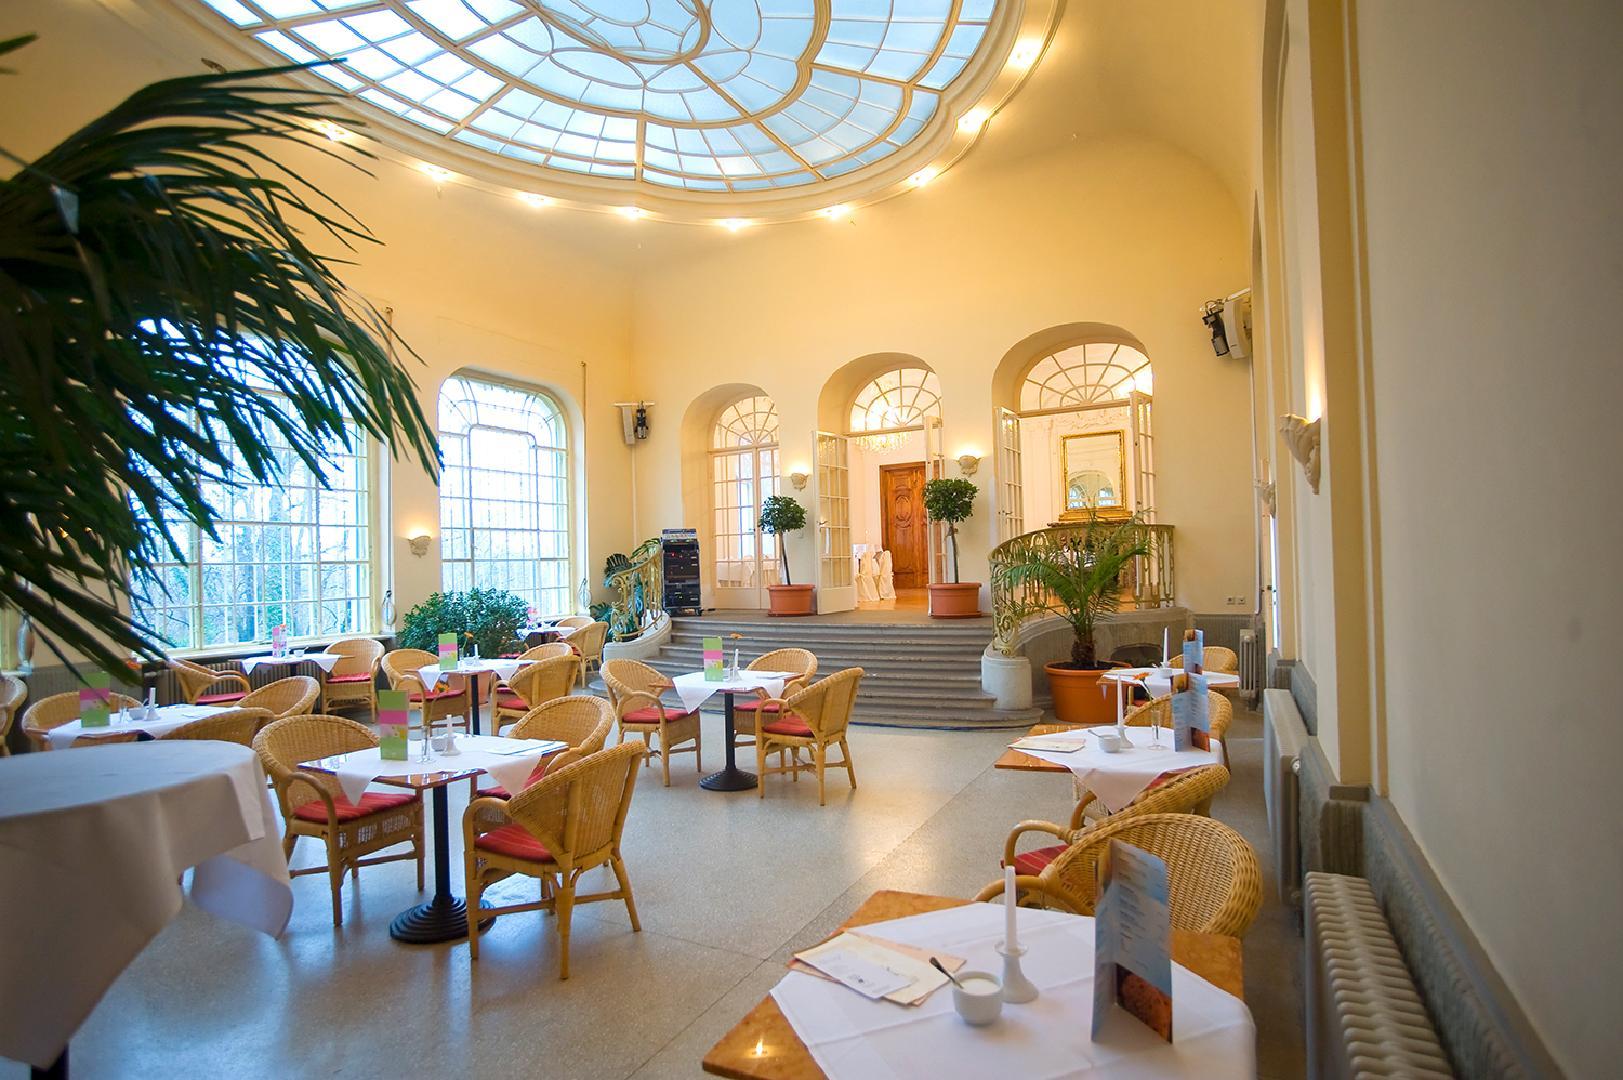 Bild 2 von Restaurant Vitzthum im Schloss Lichtenwalde